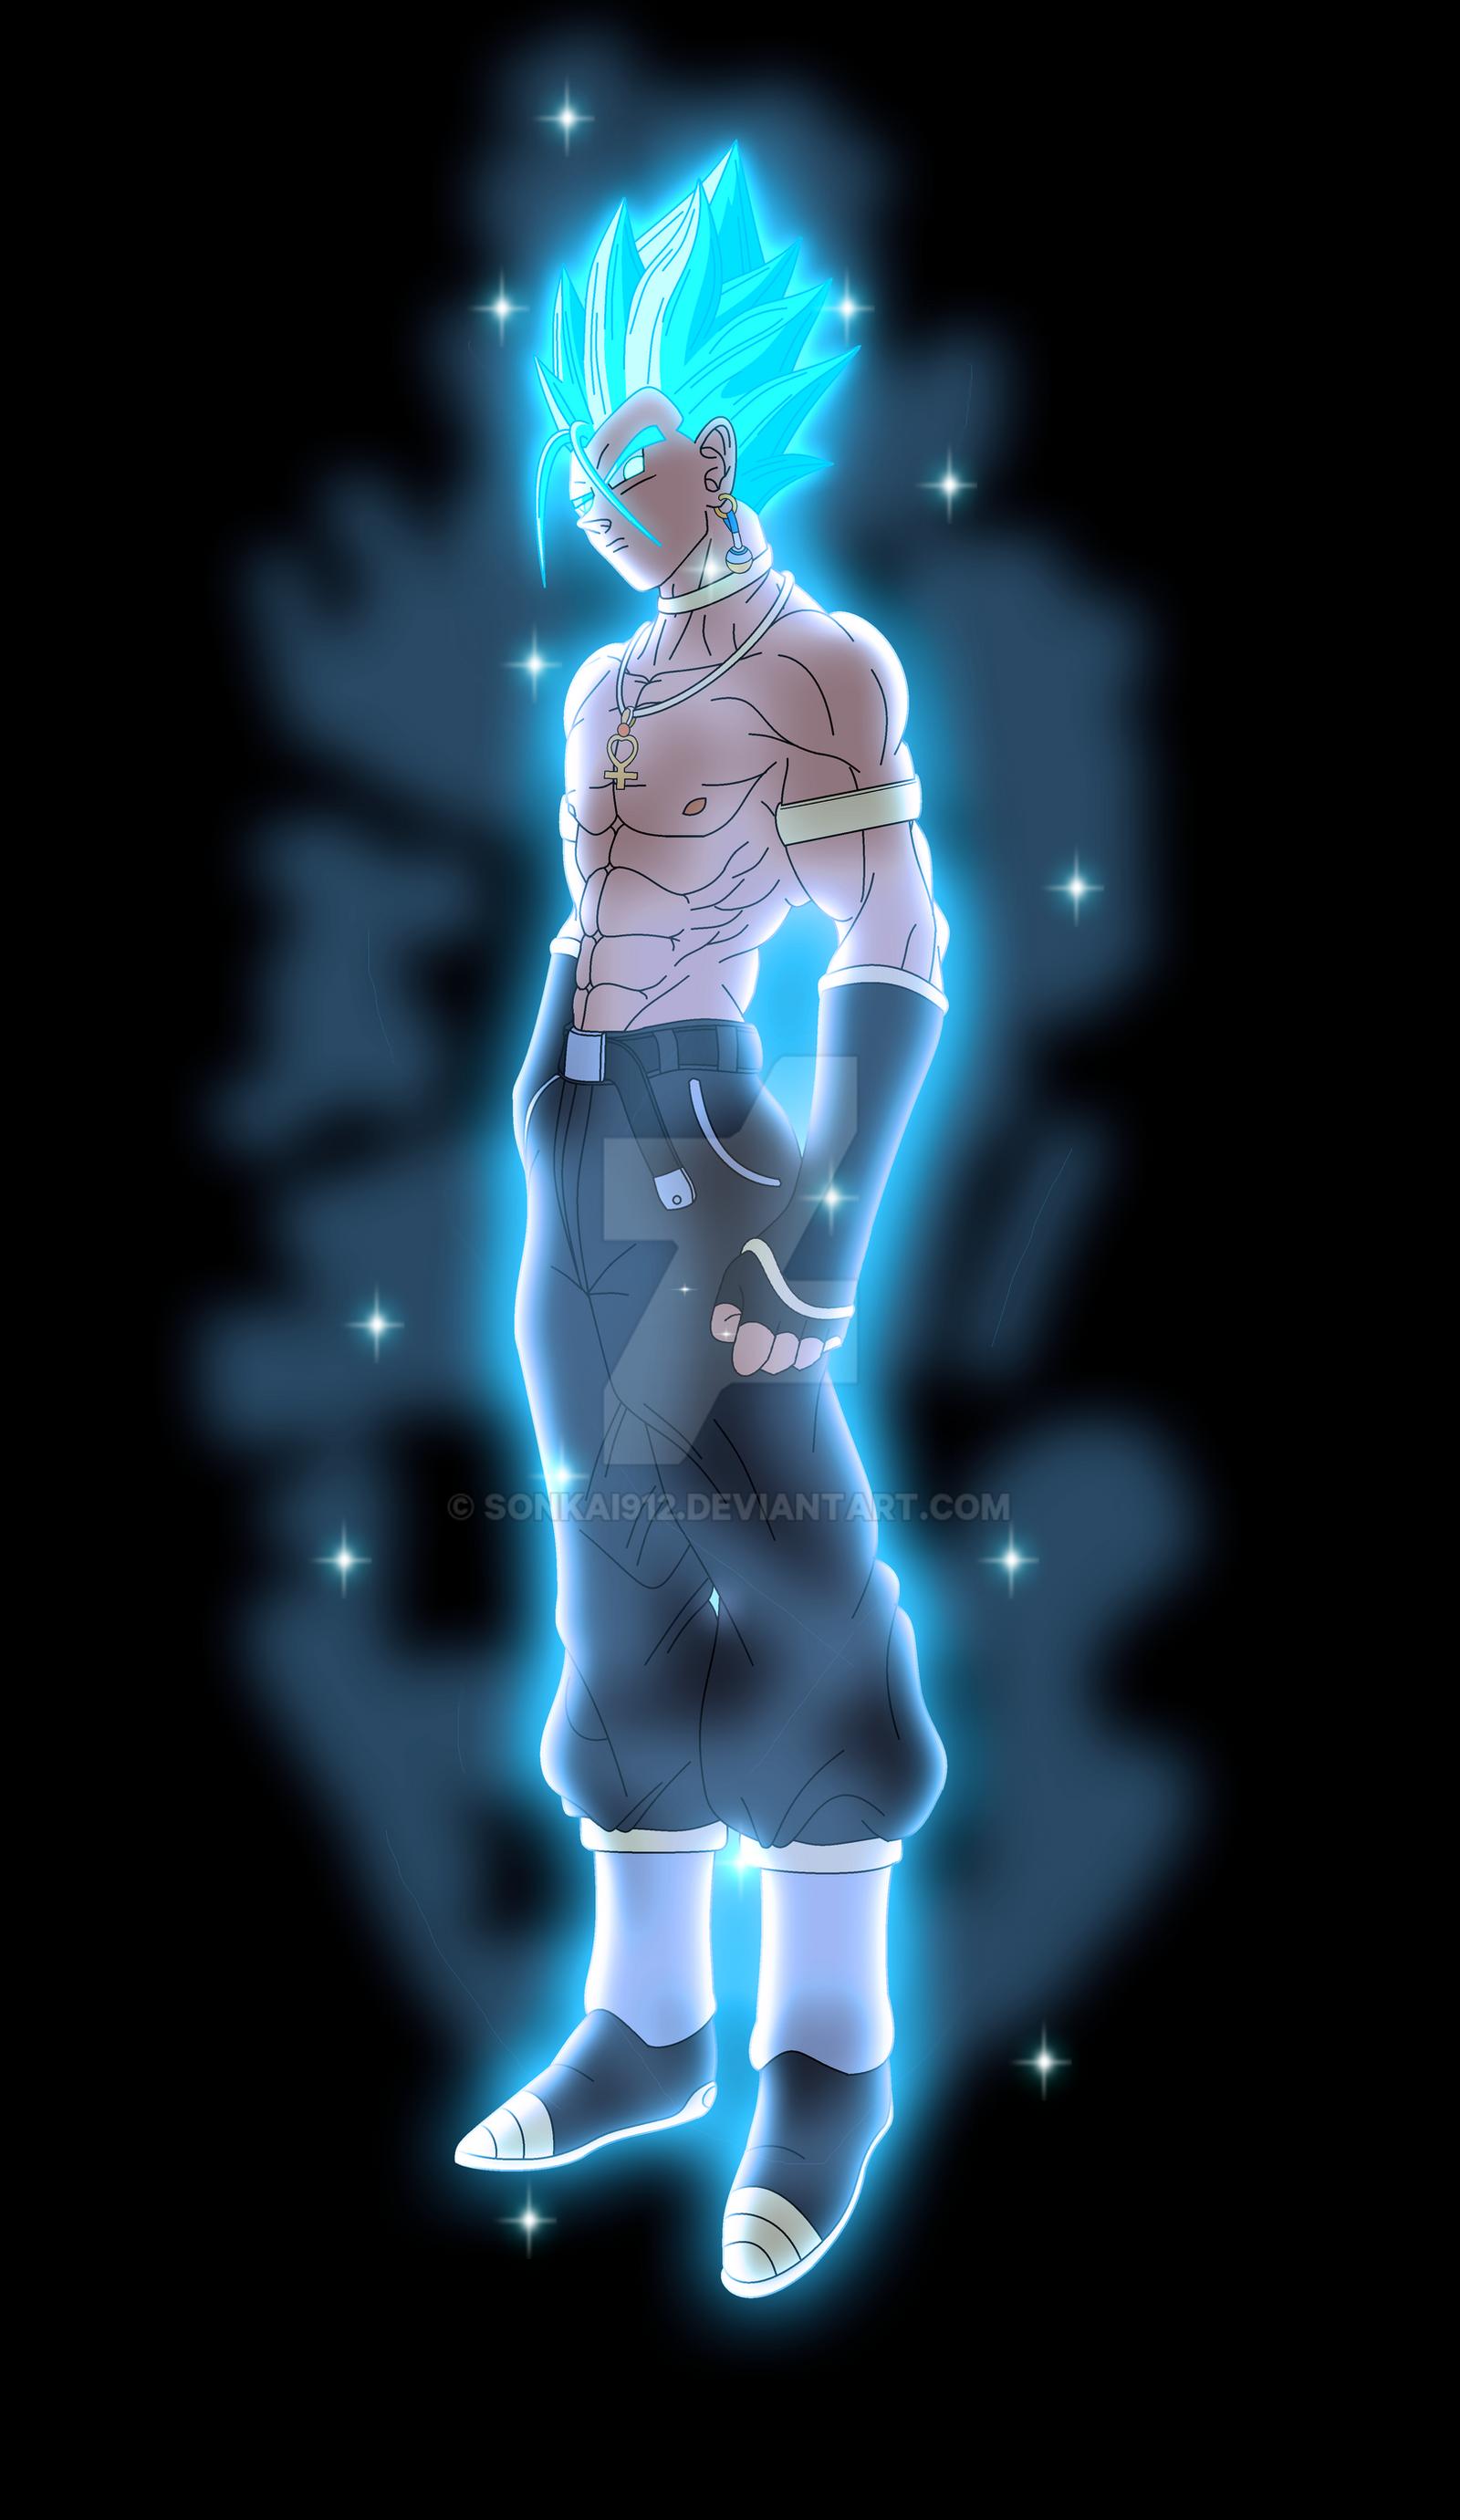 Kai-lan - Full Power God form by Sonkai912 on DeviantArt